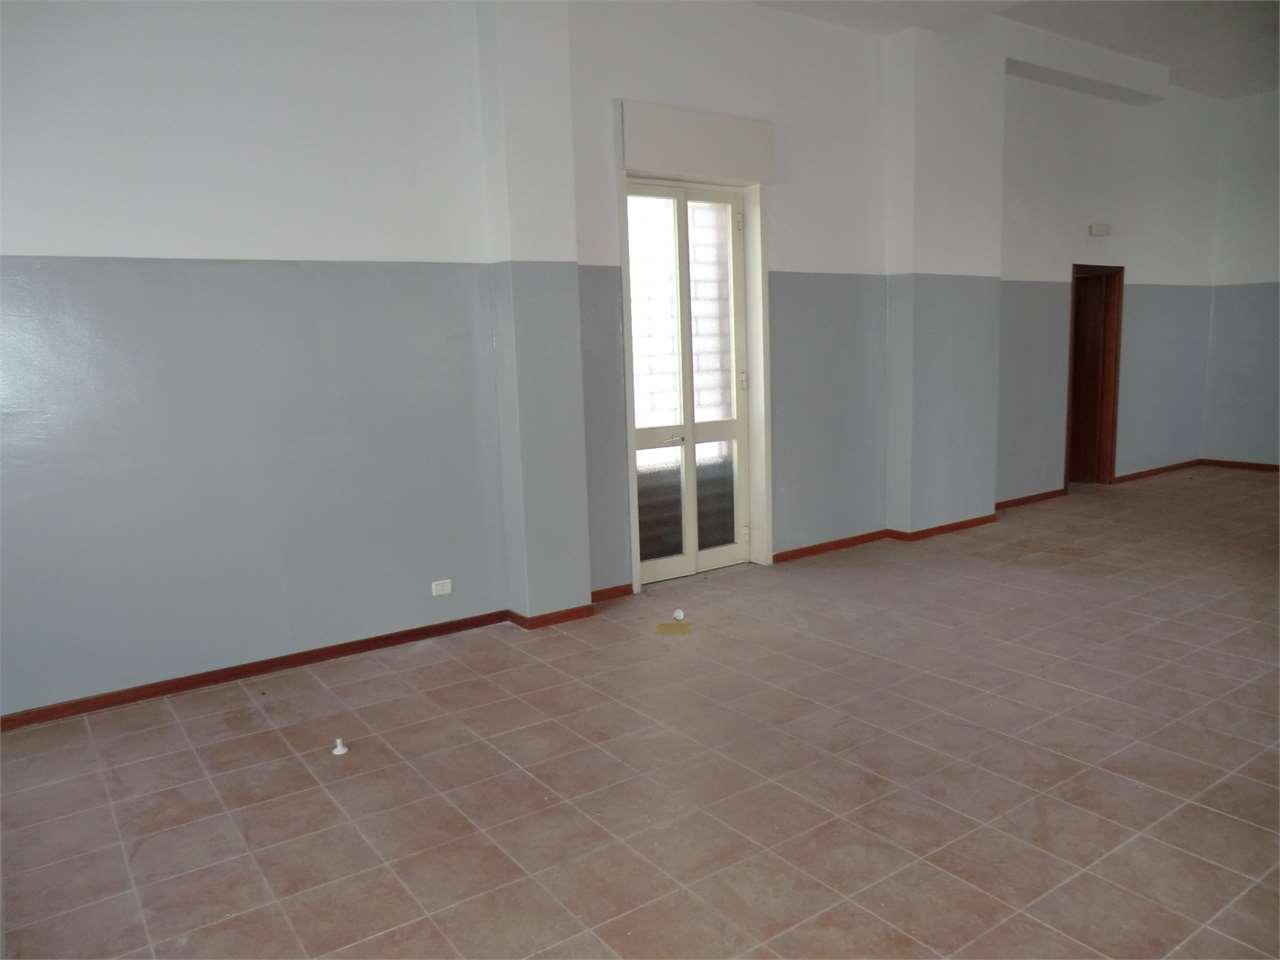 Negozio / Locale in vendita a Camporotondo Etneo, 9999 locali, prezzo € 70.000 | Cambio Casa.it